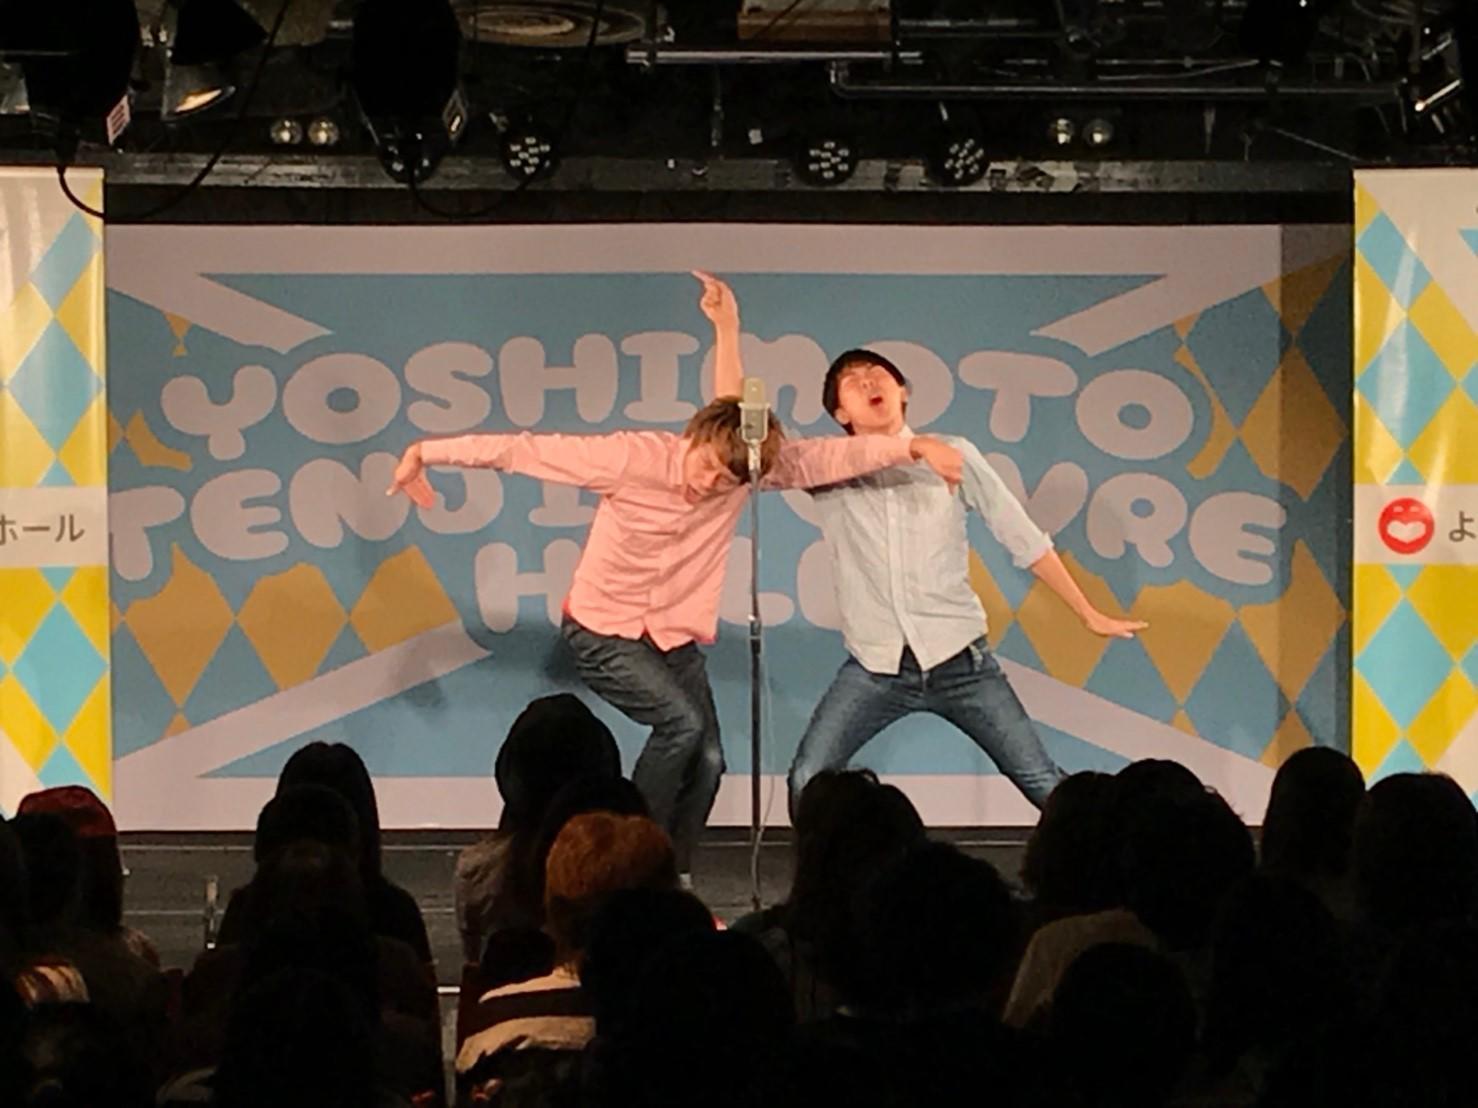 http://news.yoshimoto.co.jp/20181006174850-b91cac043c42572f6bffd8f633632c6d5ab28215.jpg